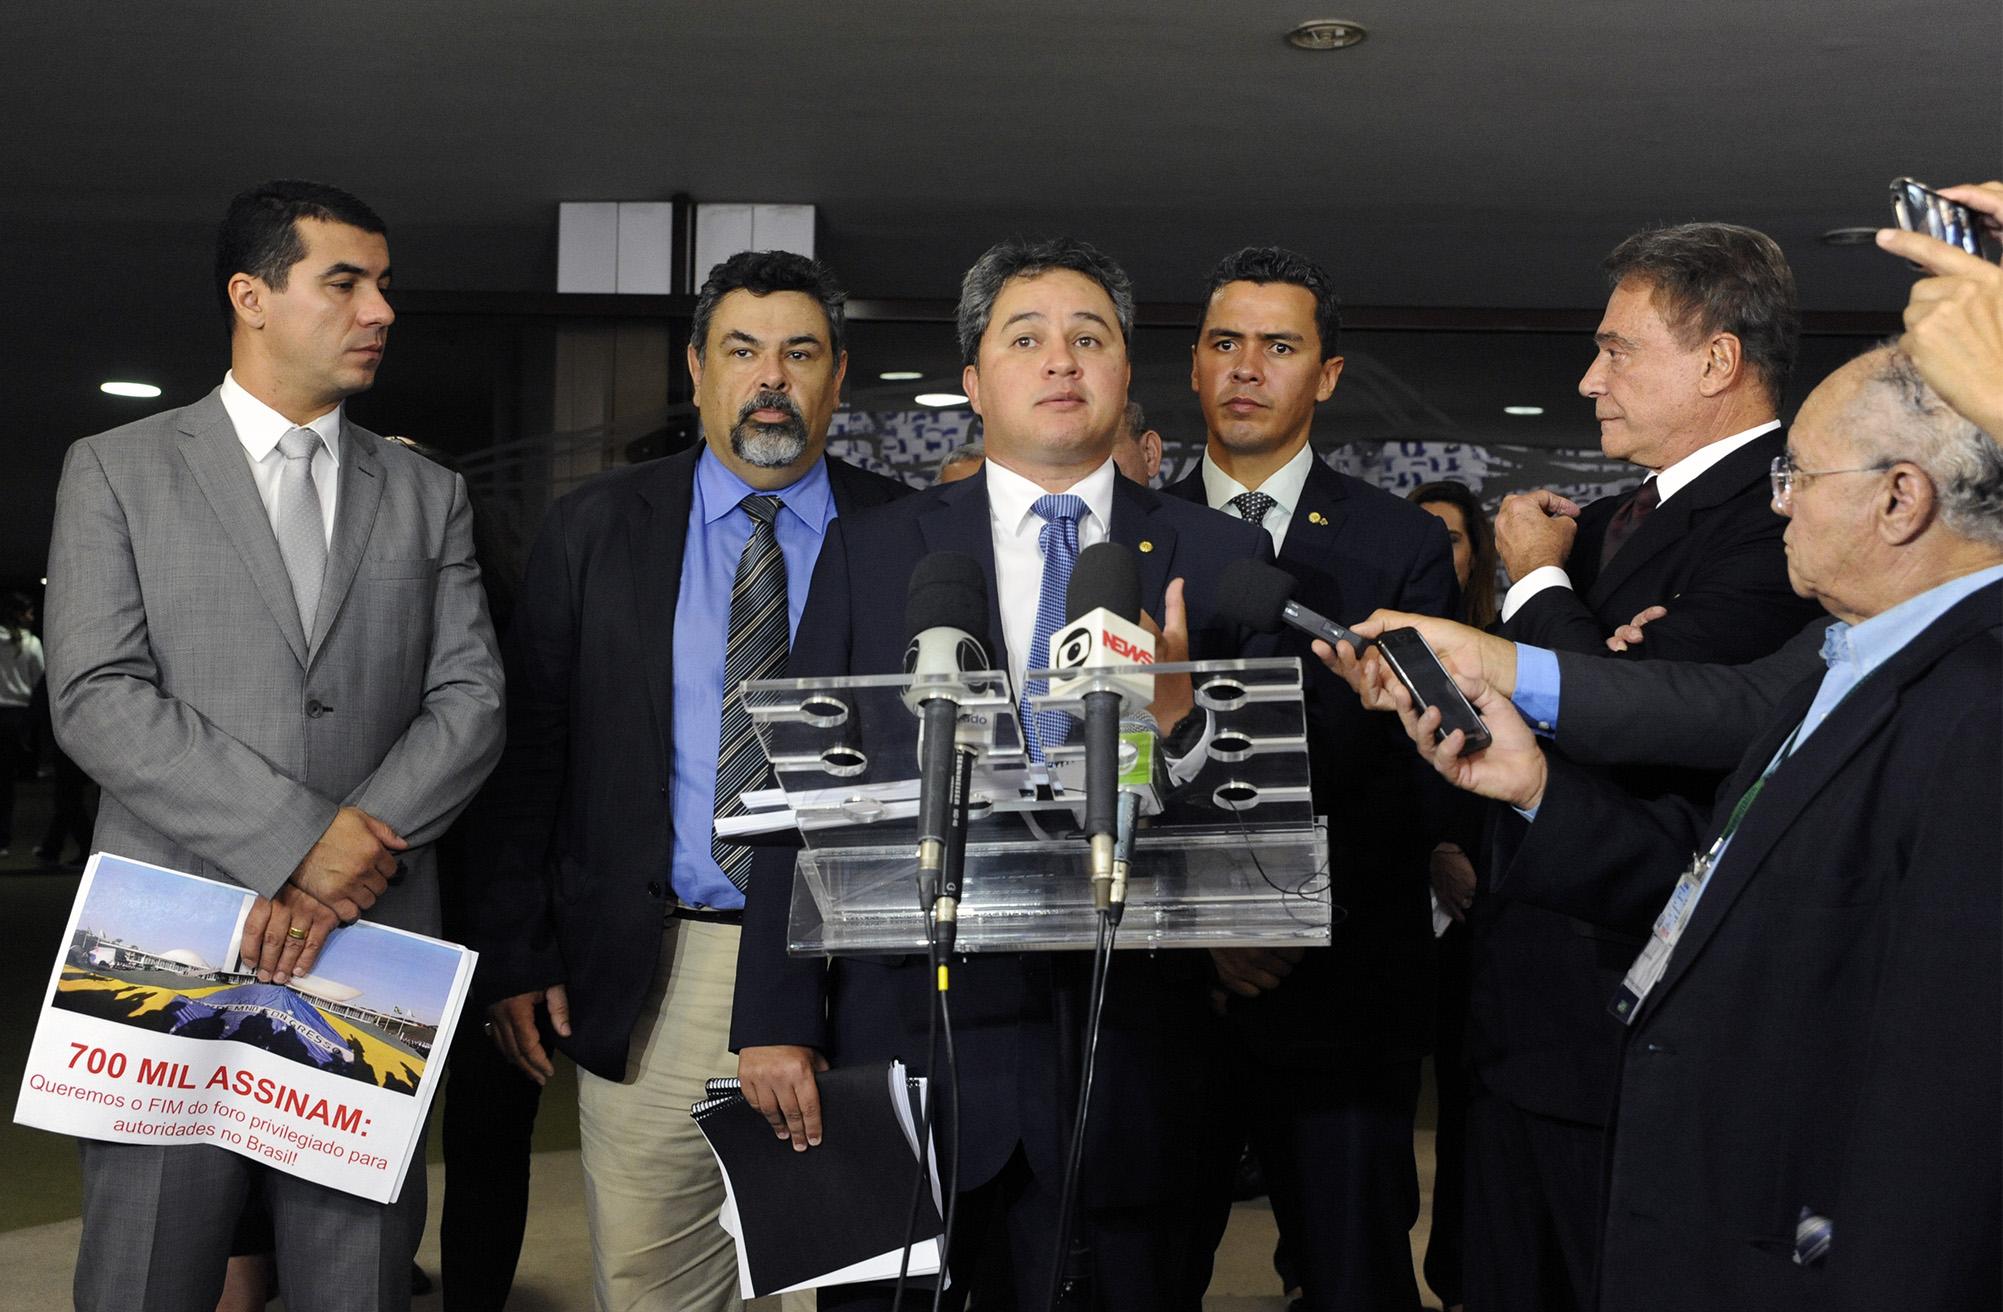 Entrega para senadores e deputados um abaixo assinado com mais de 700 mil assinaturas pedindo a aprovação da PEC 10/2013, que acaba com o foro privilegiado para autoridades. Dep. Efraim Filho (DEM - PB)